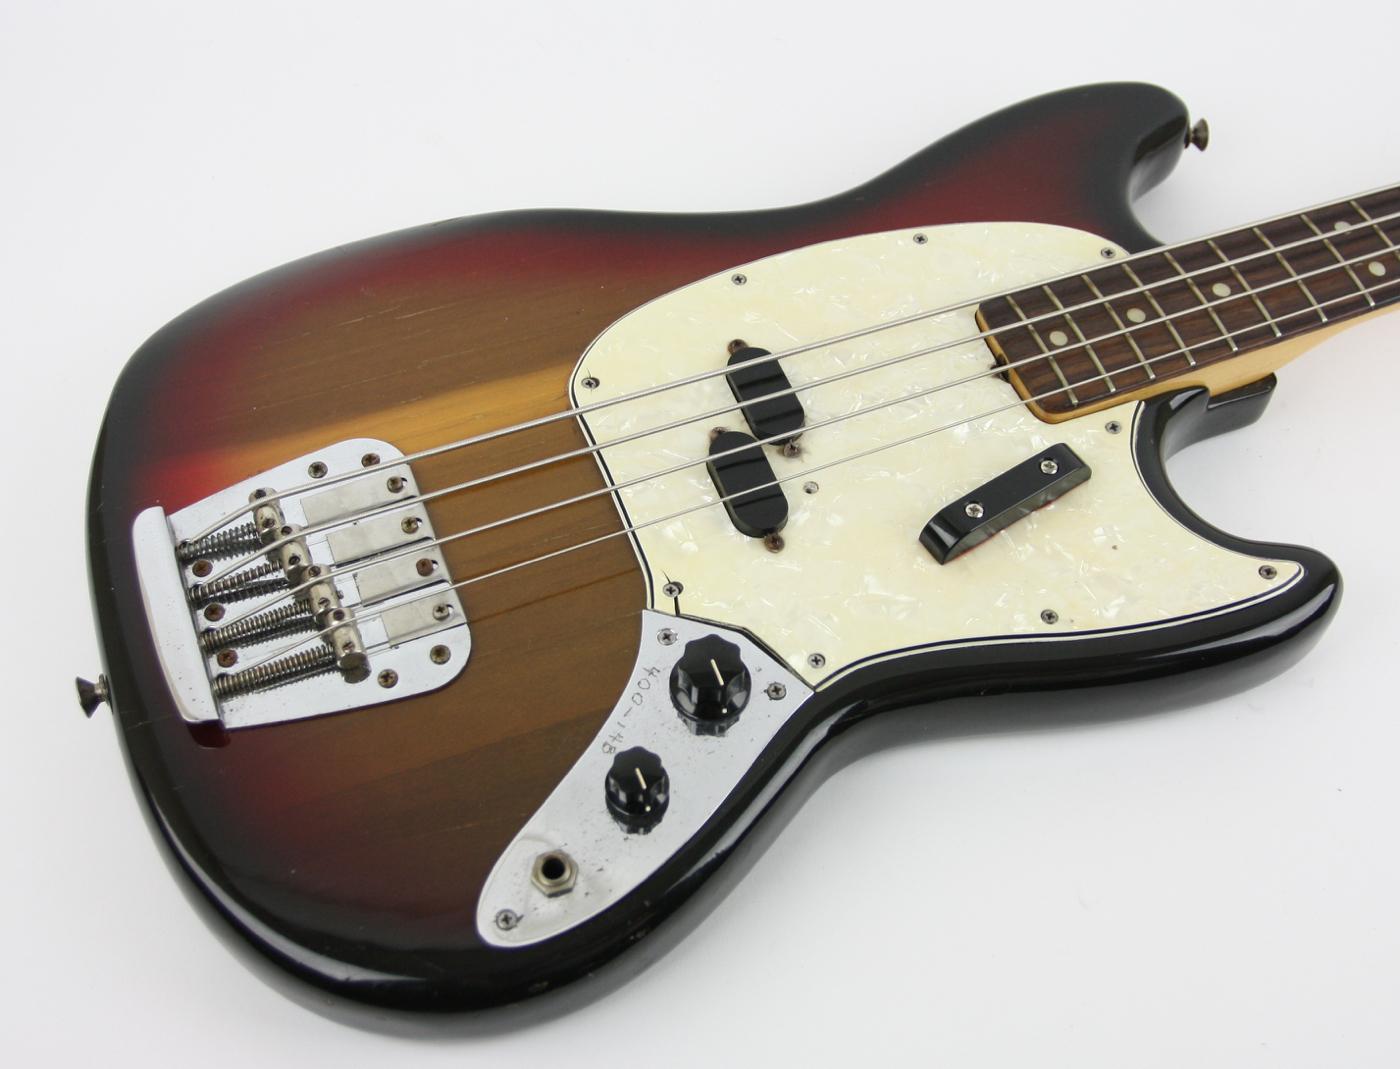 1974 Fender Mustang Bass Sunburst detail 1